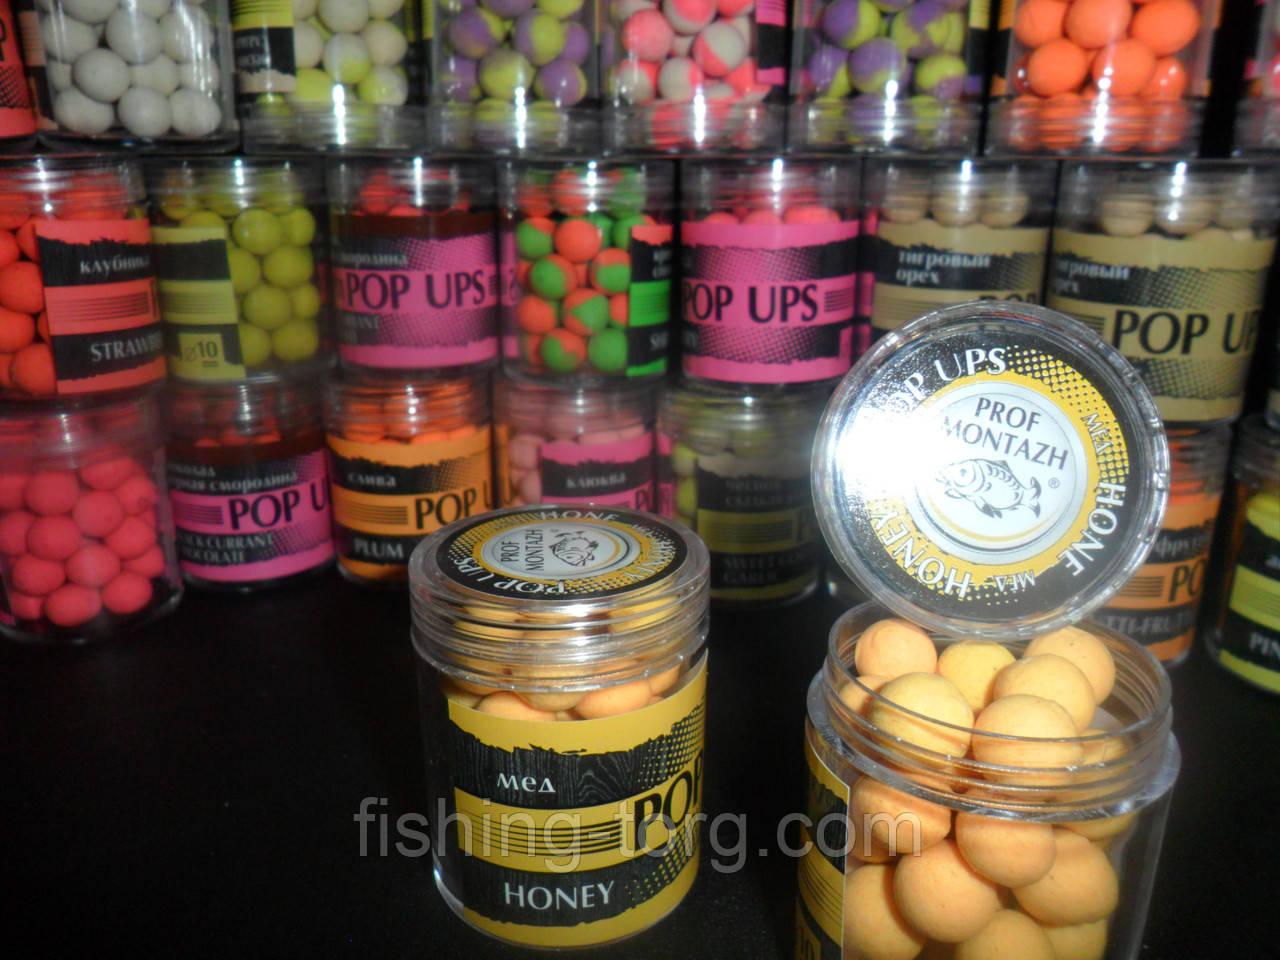 Pop ups 10 мёд плавающие бойли от фирмы проф монтаж